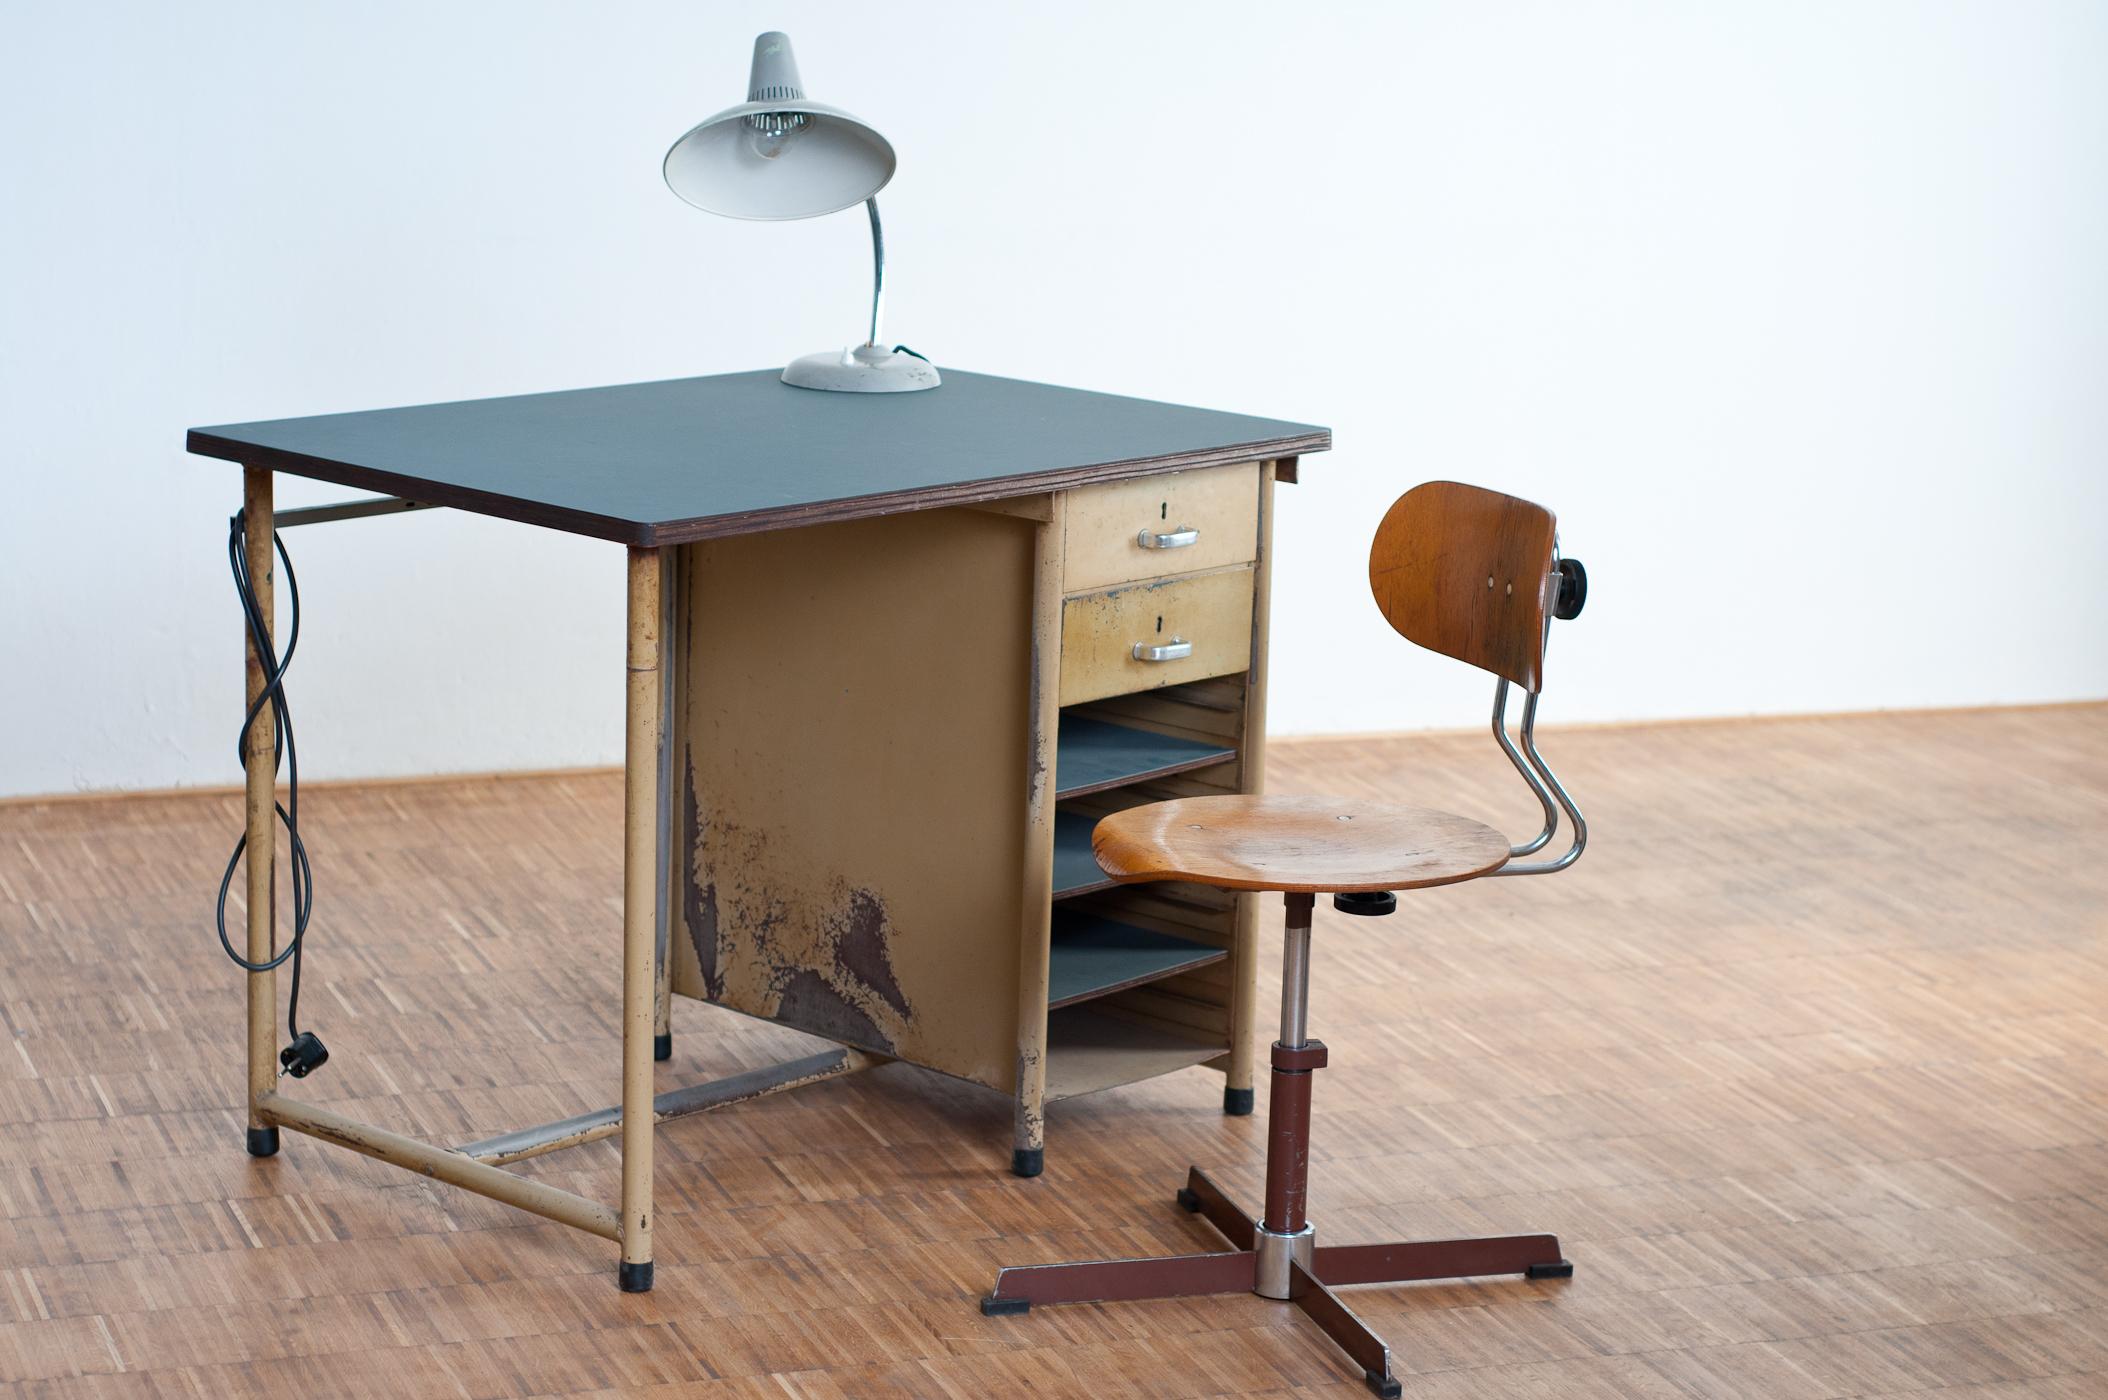 schreibtisch mit stromanschluss wbf berlin. Black Bedroom Furniture Sets. Home Design Ideas